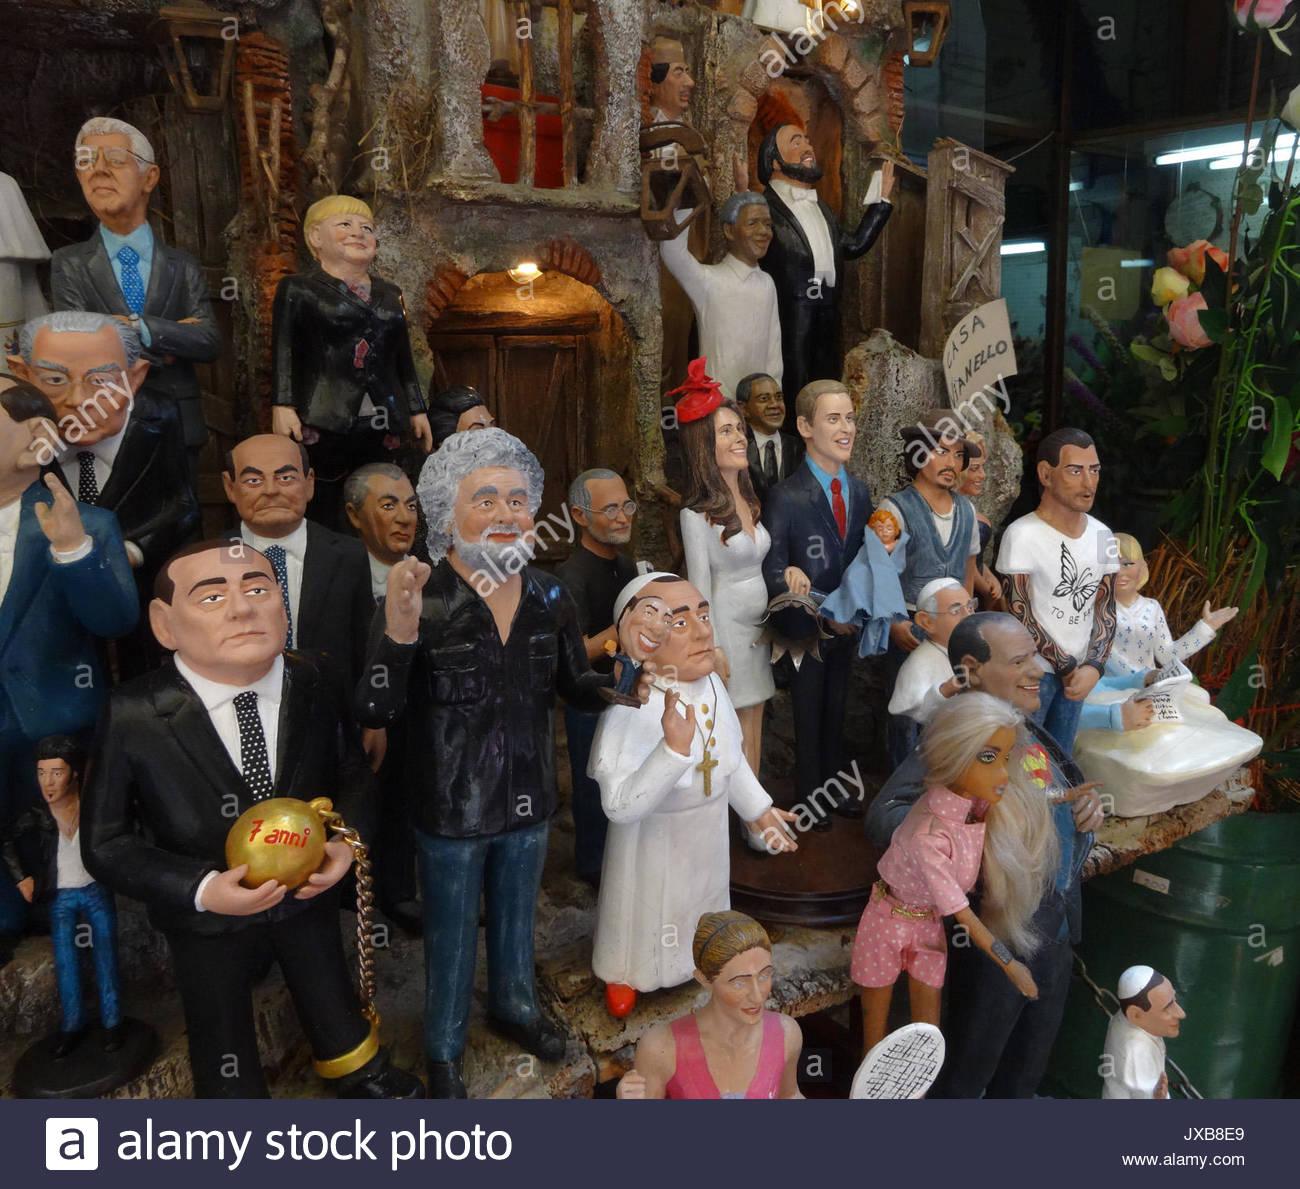 Figuras de Cera. En un pequeño callejón en Nápoles Centro Storico en Via  San Gregorio Armeno un artista ha creado las primeras esculturas de la  royal baby ... a8b2e6fd8a1d4